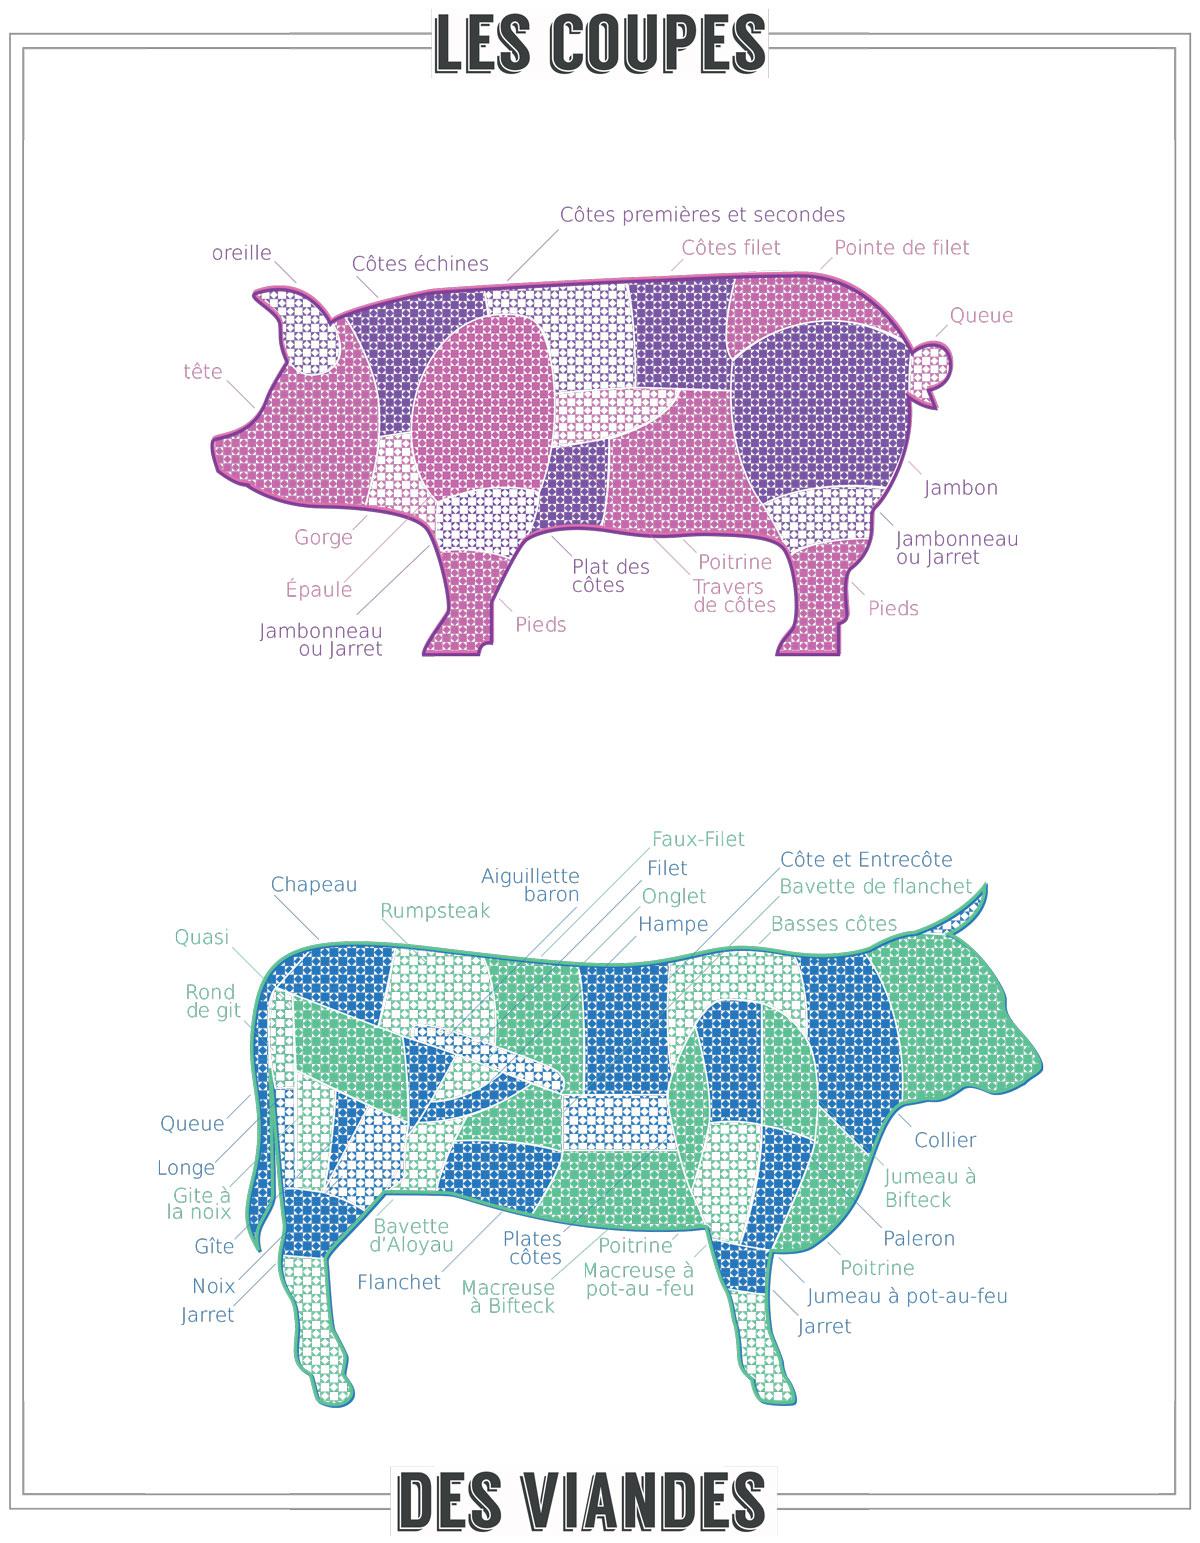 Les coupes des viandes